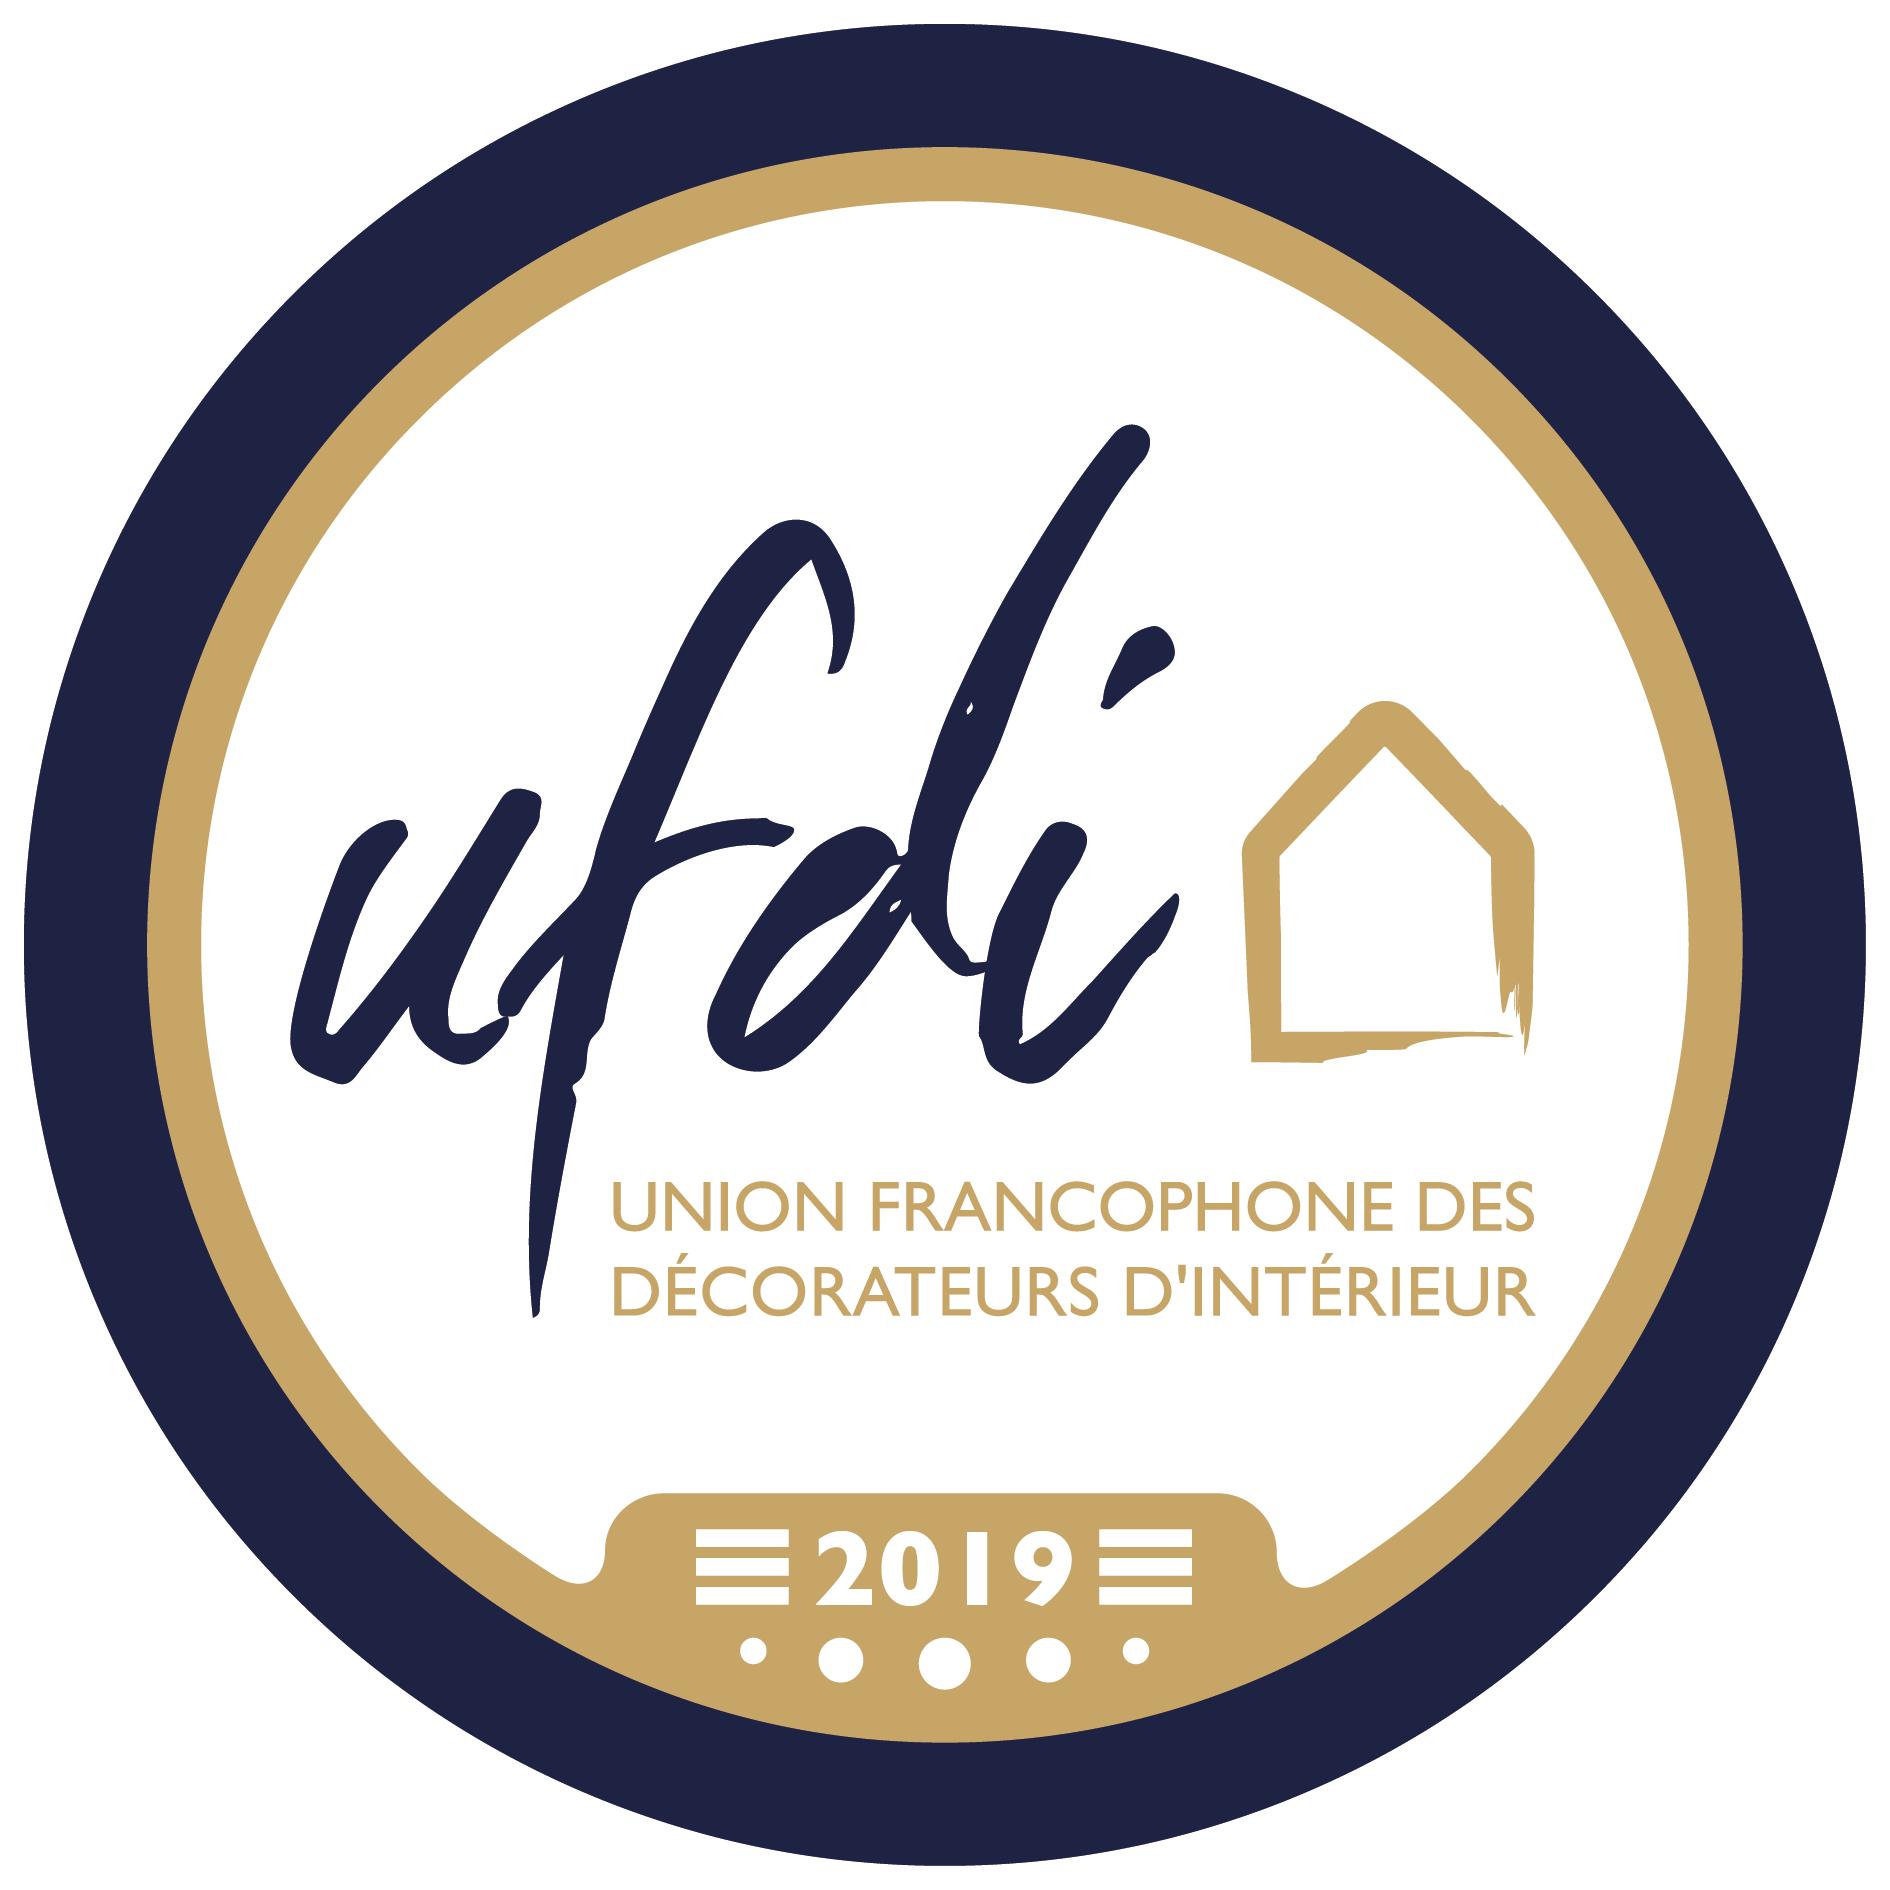 Brigitte Ferré Bigot, Décoratrice UFDI, Membre UFDI Bretagne. Décoration professionnelle.